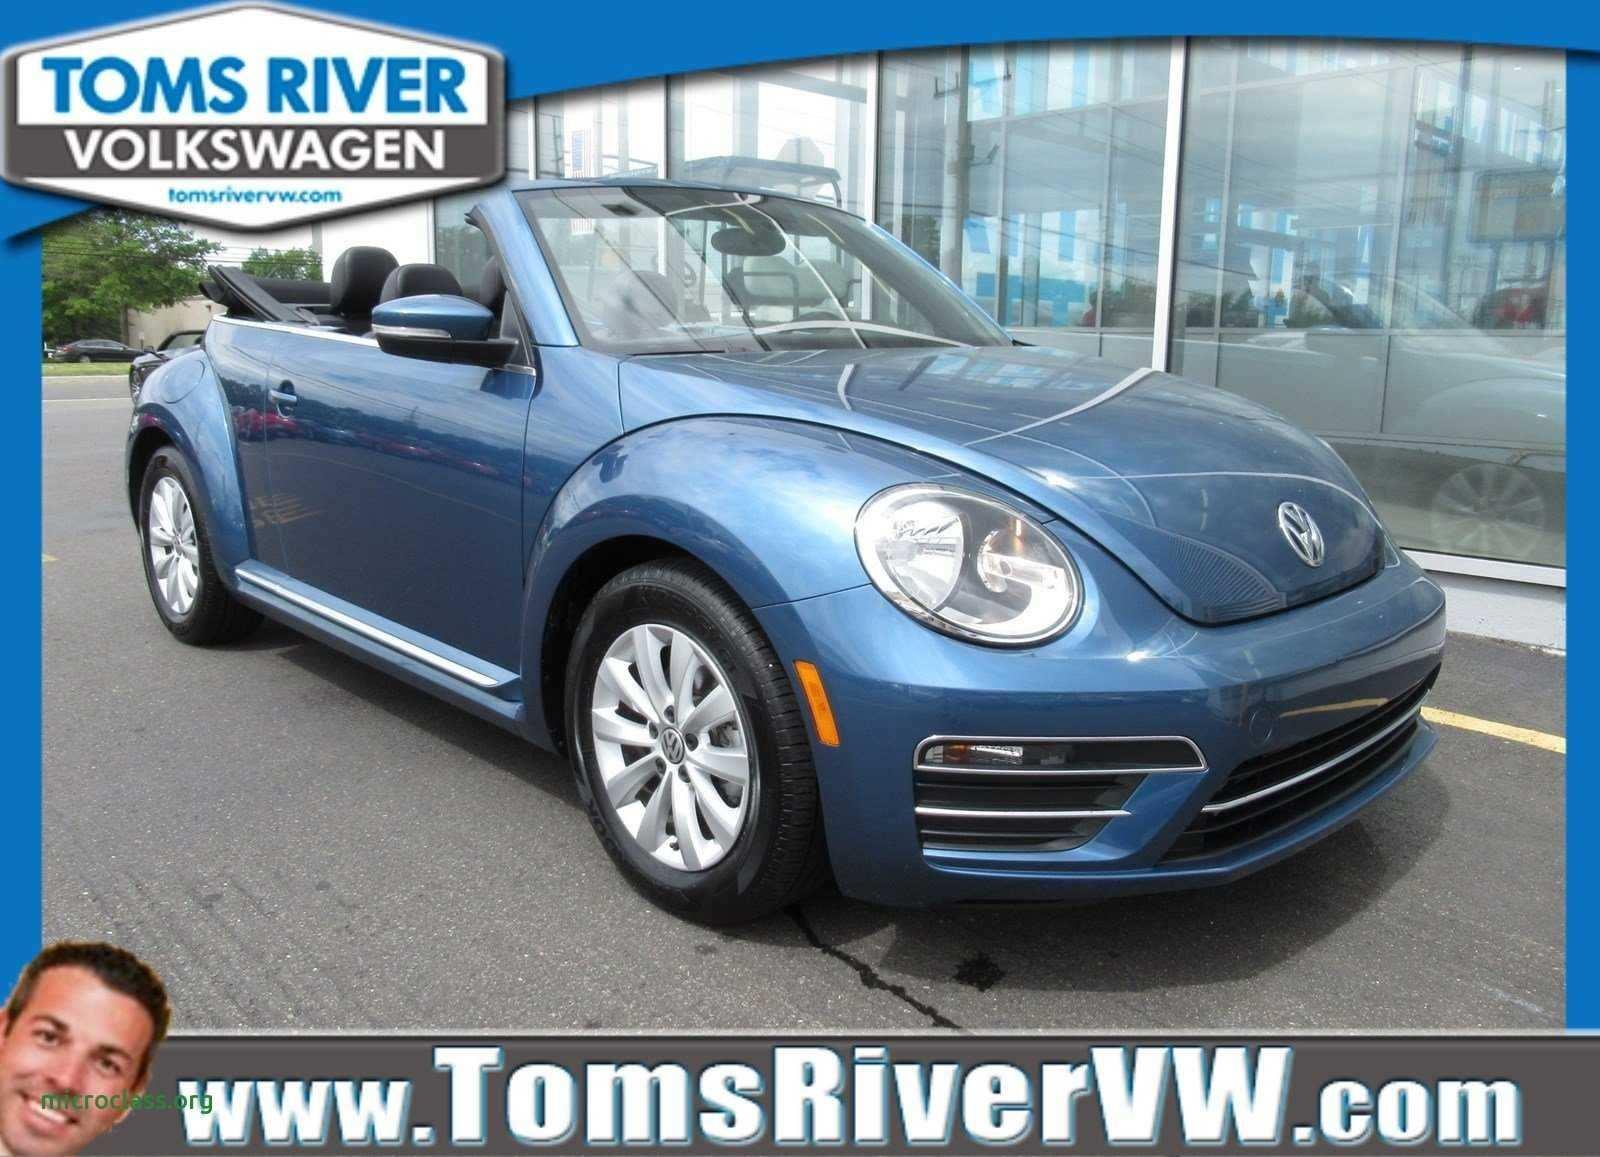 75 New Best Volkswagen Beetle 2019 Price Exterior And Interior Review Redesign for Best Volkswagen Beetle 2019 Price Exterior And Interior Review